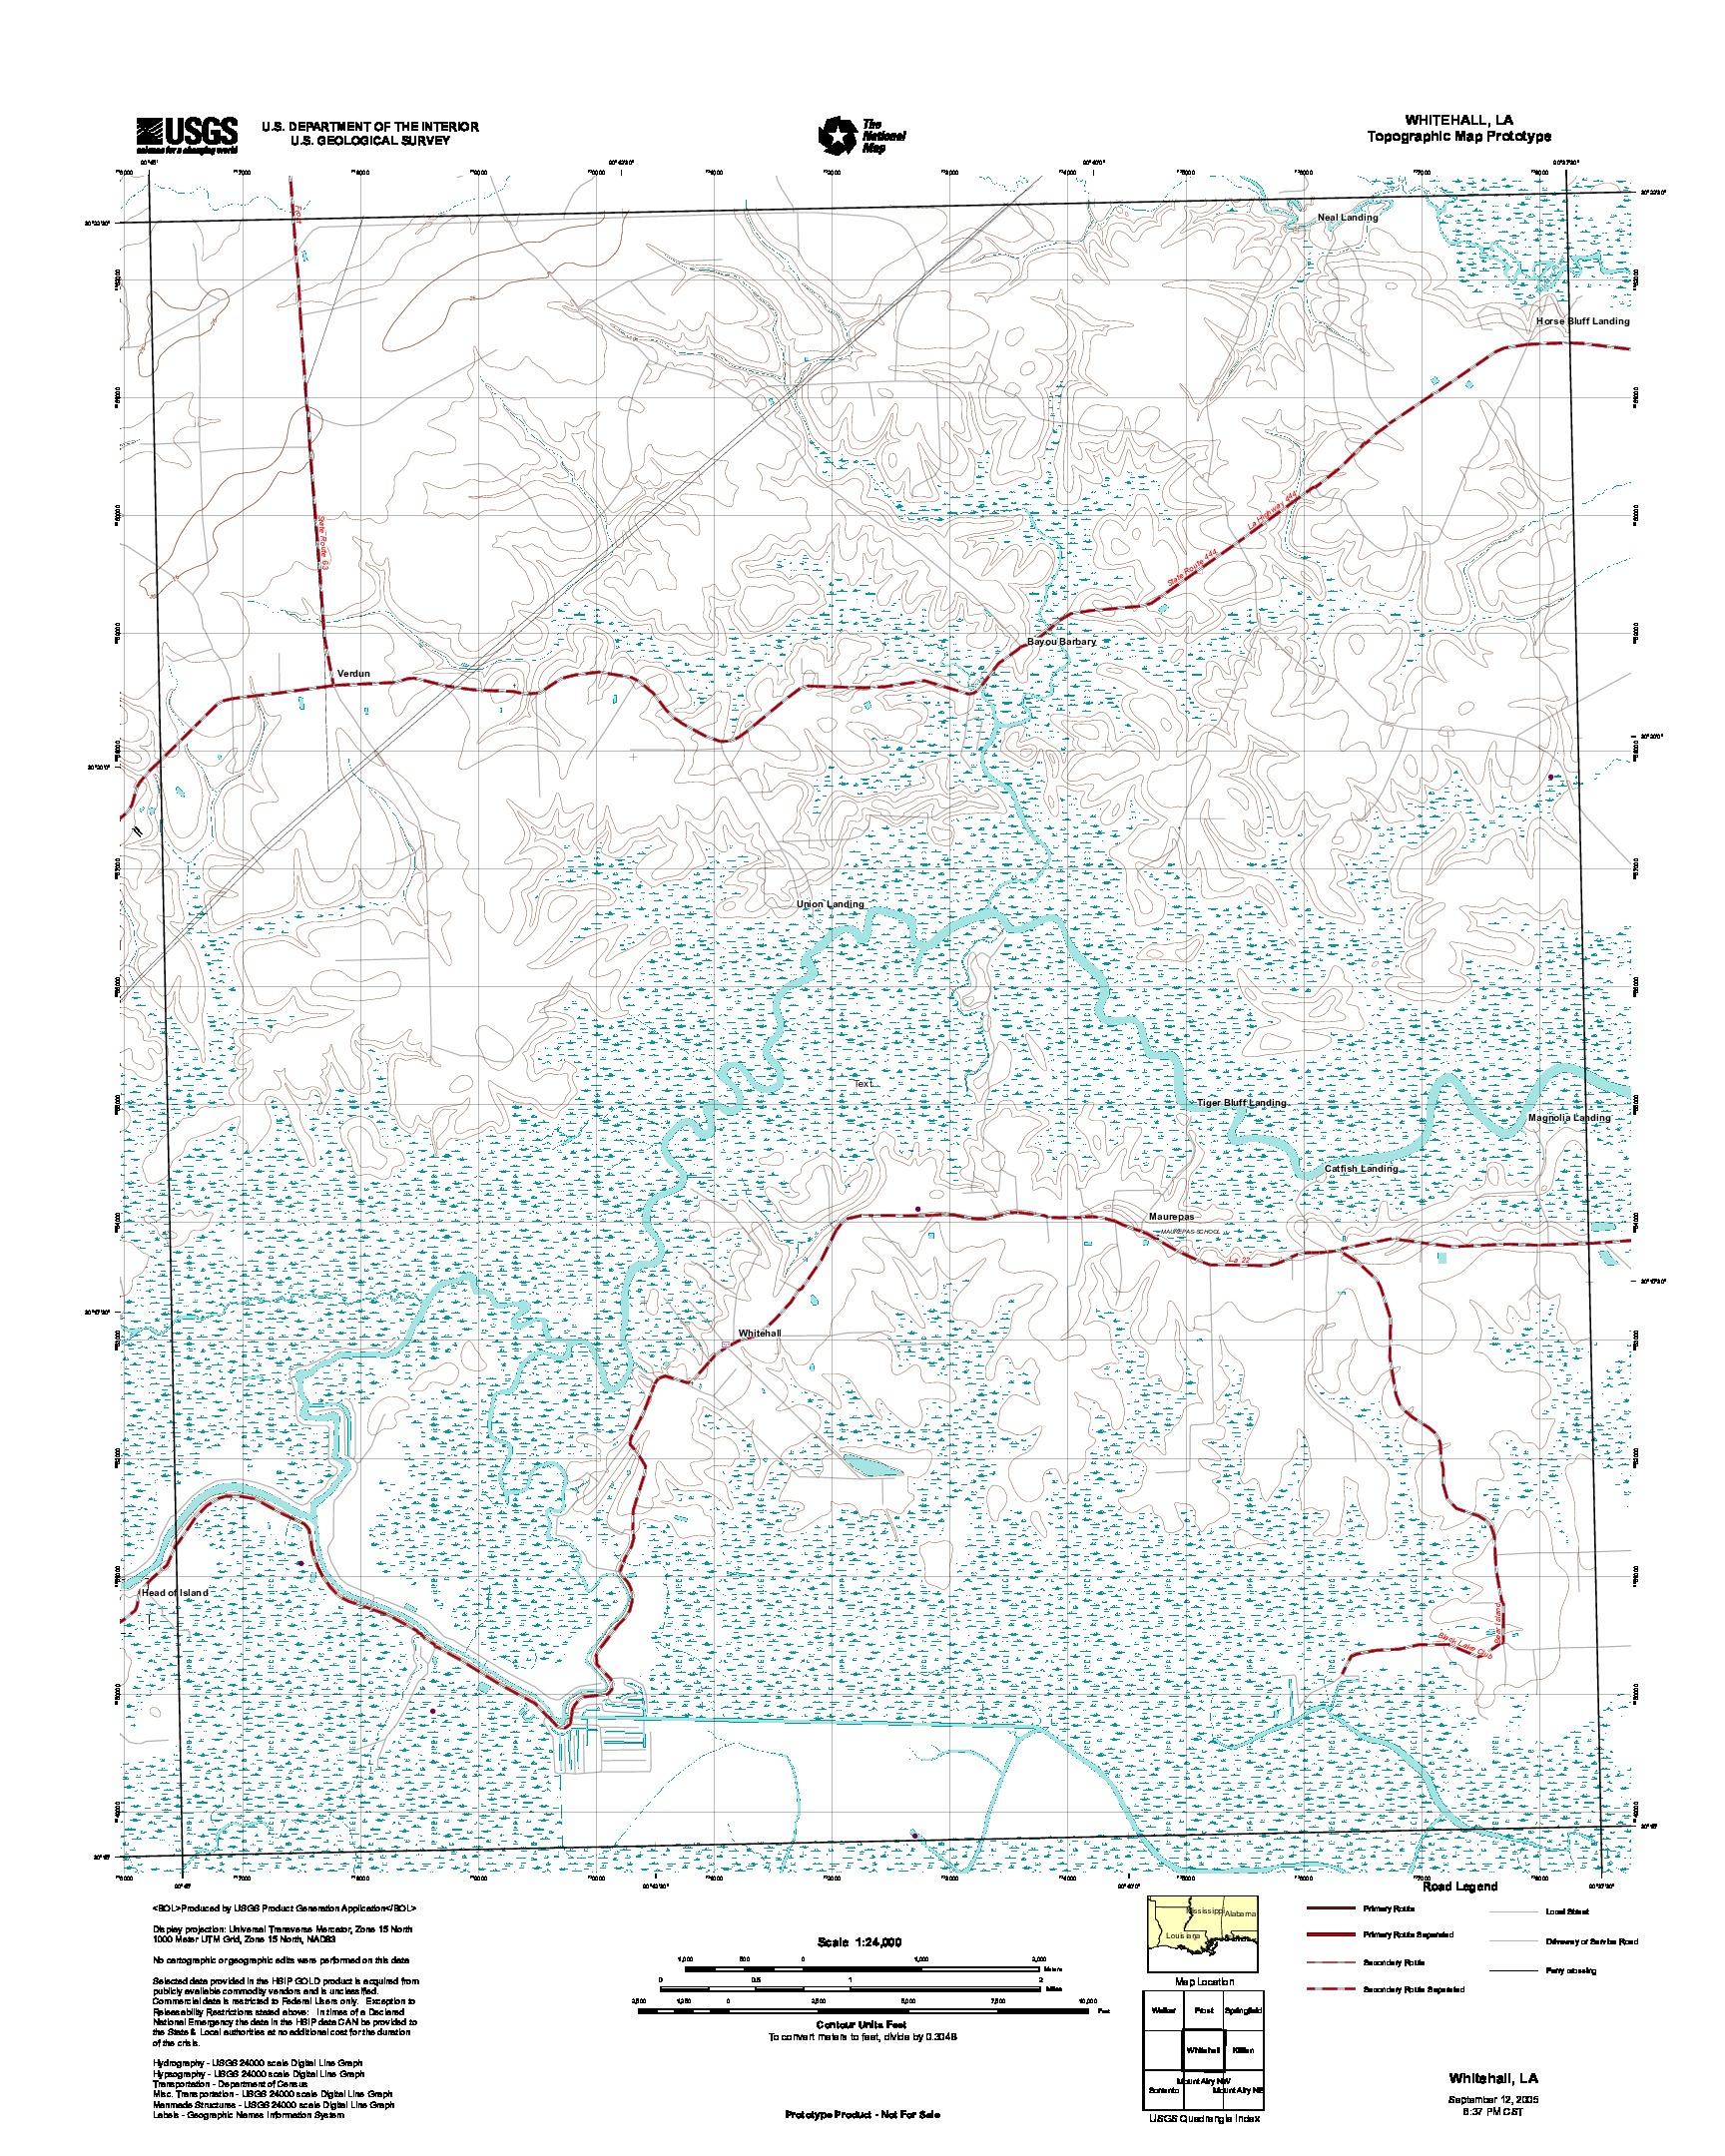 Prototipo de Mapa Topográfico de Whitehall, Luisiana, Estados Unidos, Septiembre 12, 2005